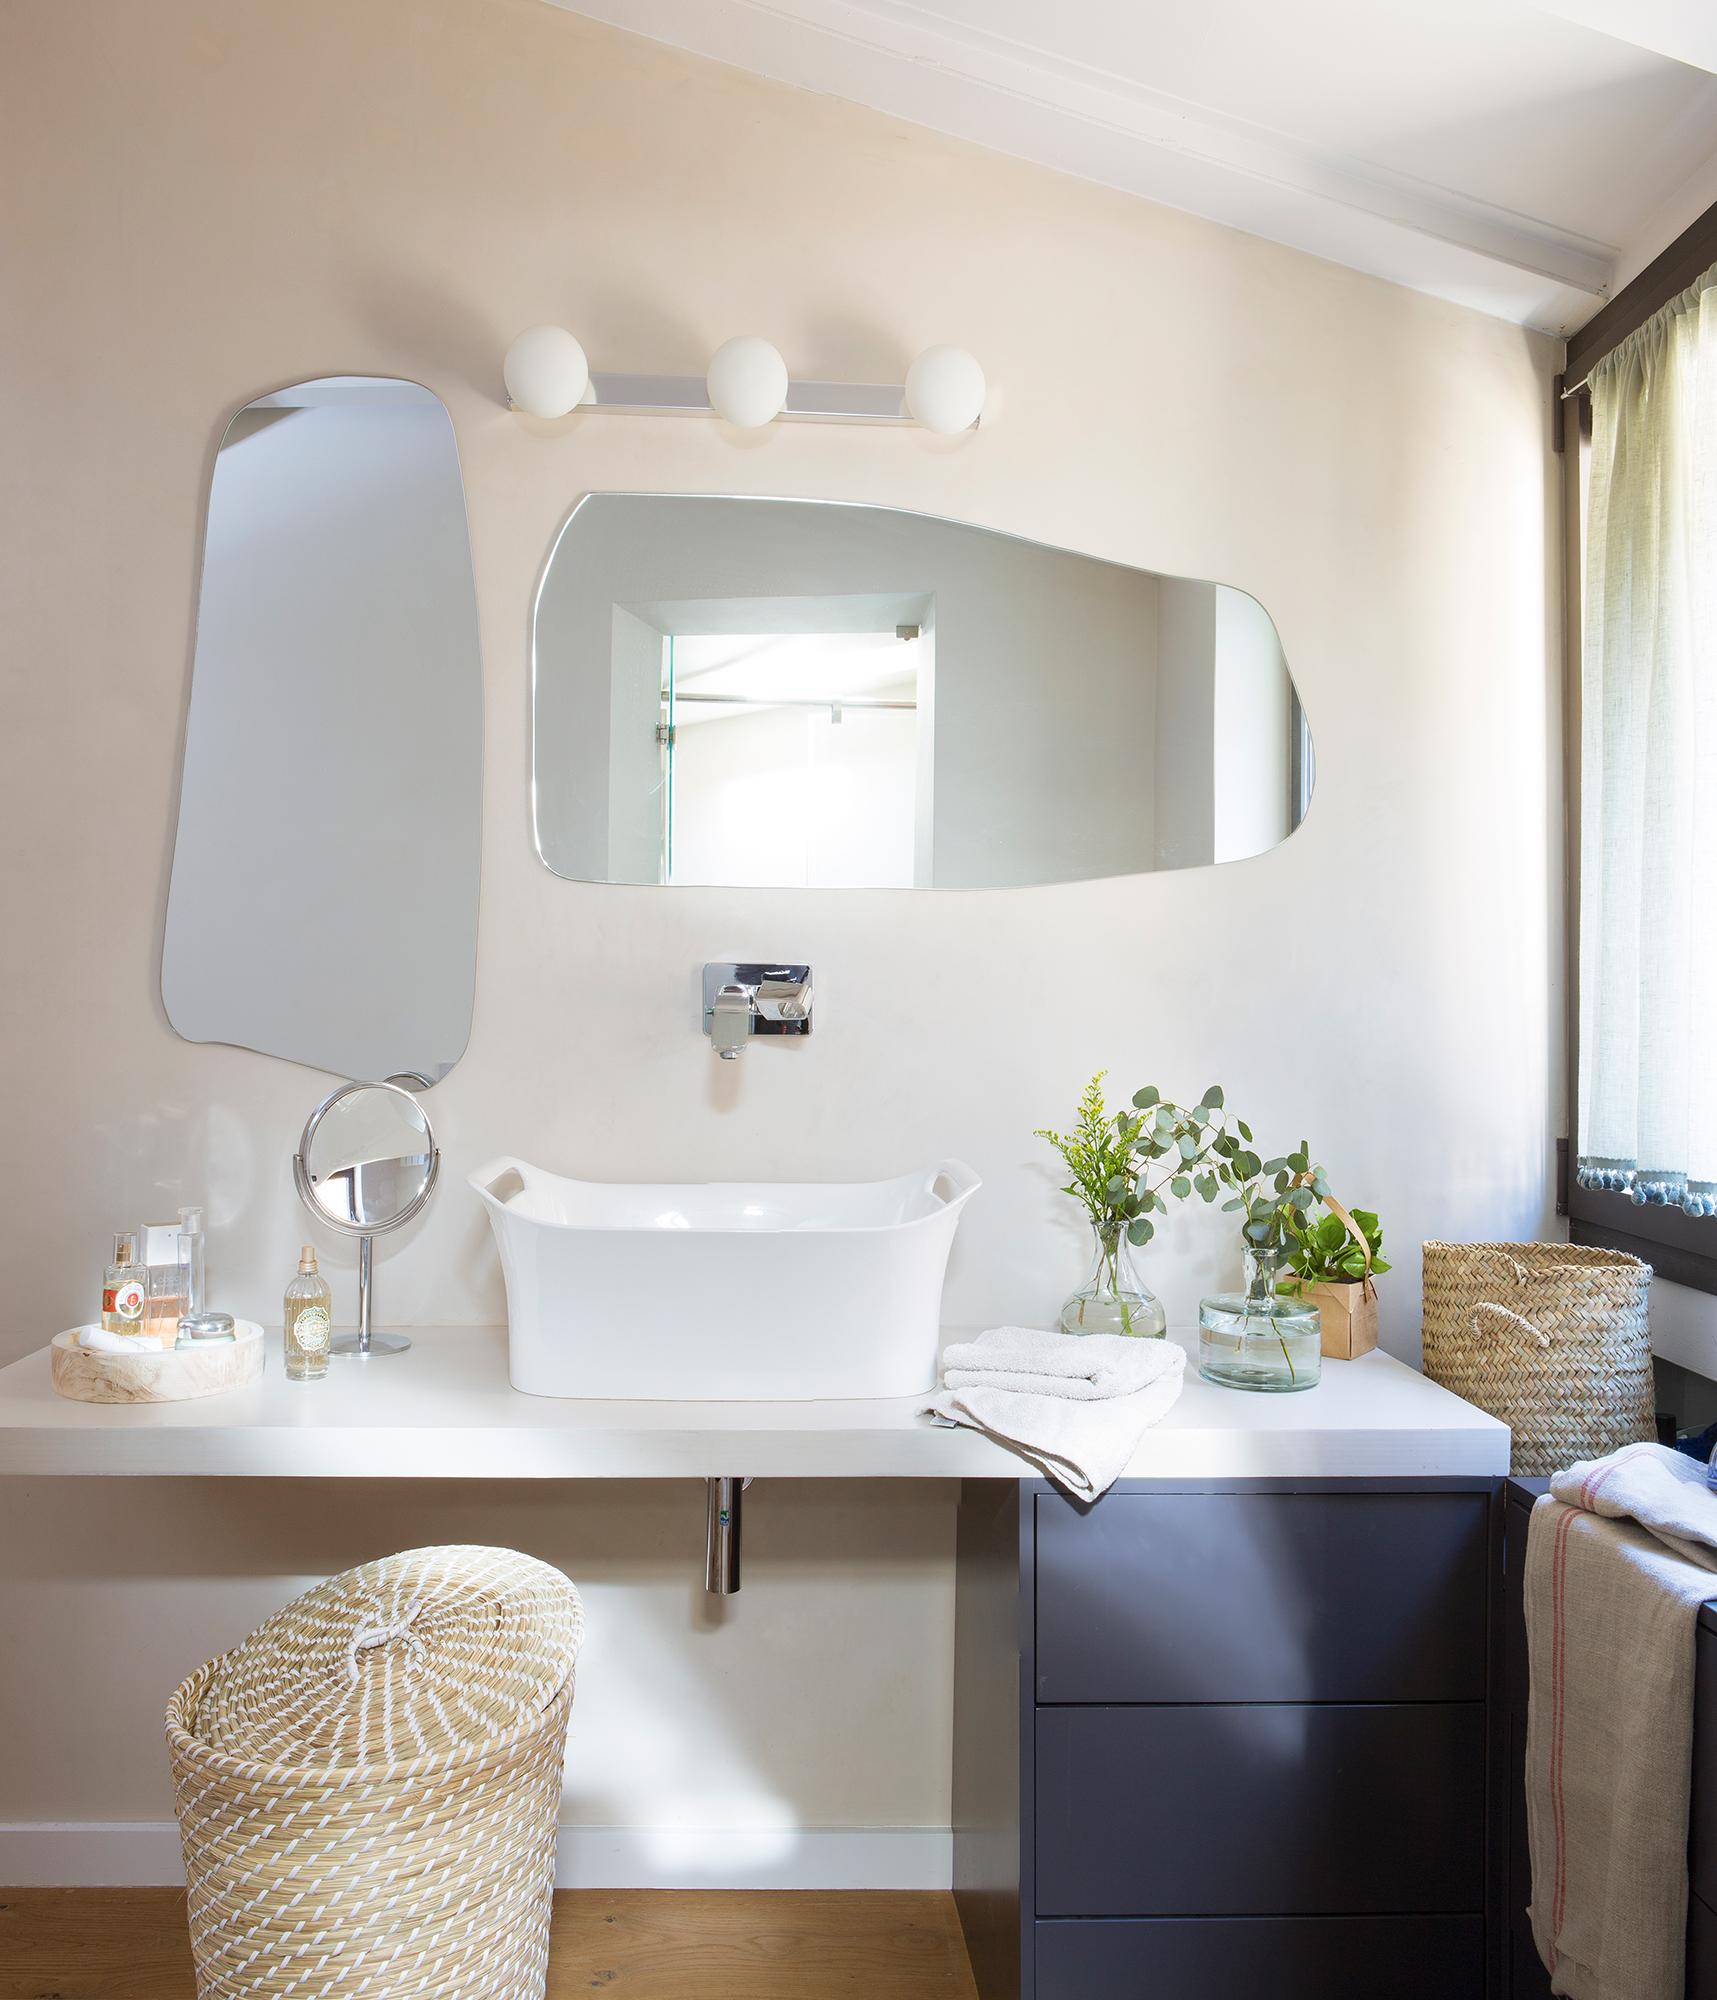 386 Fotos de Muebles de baño